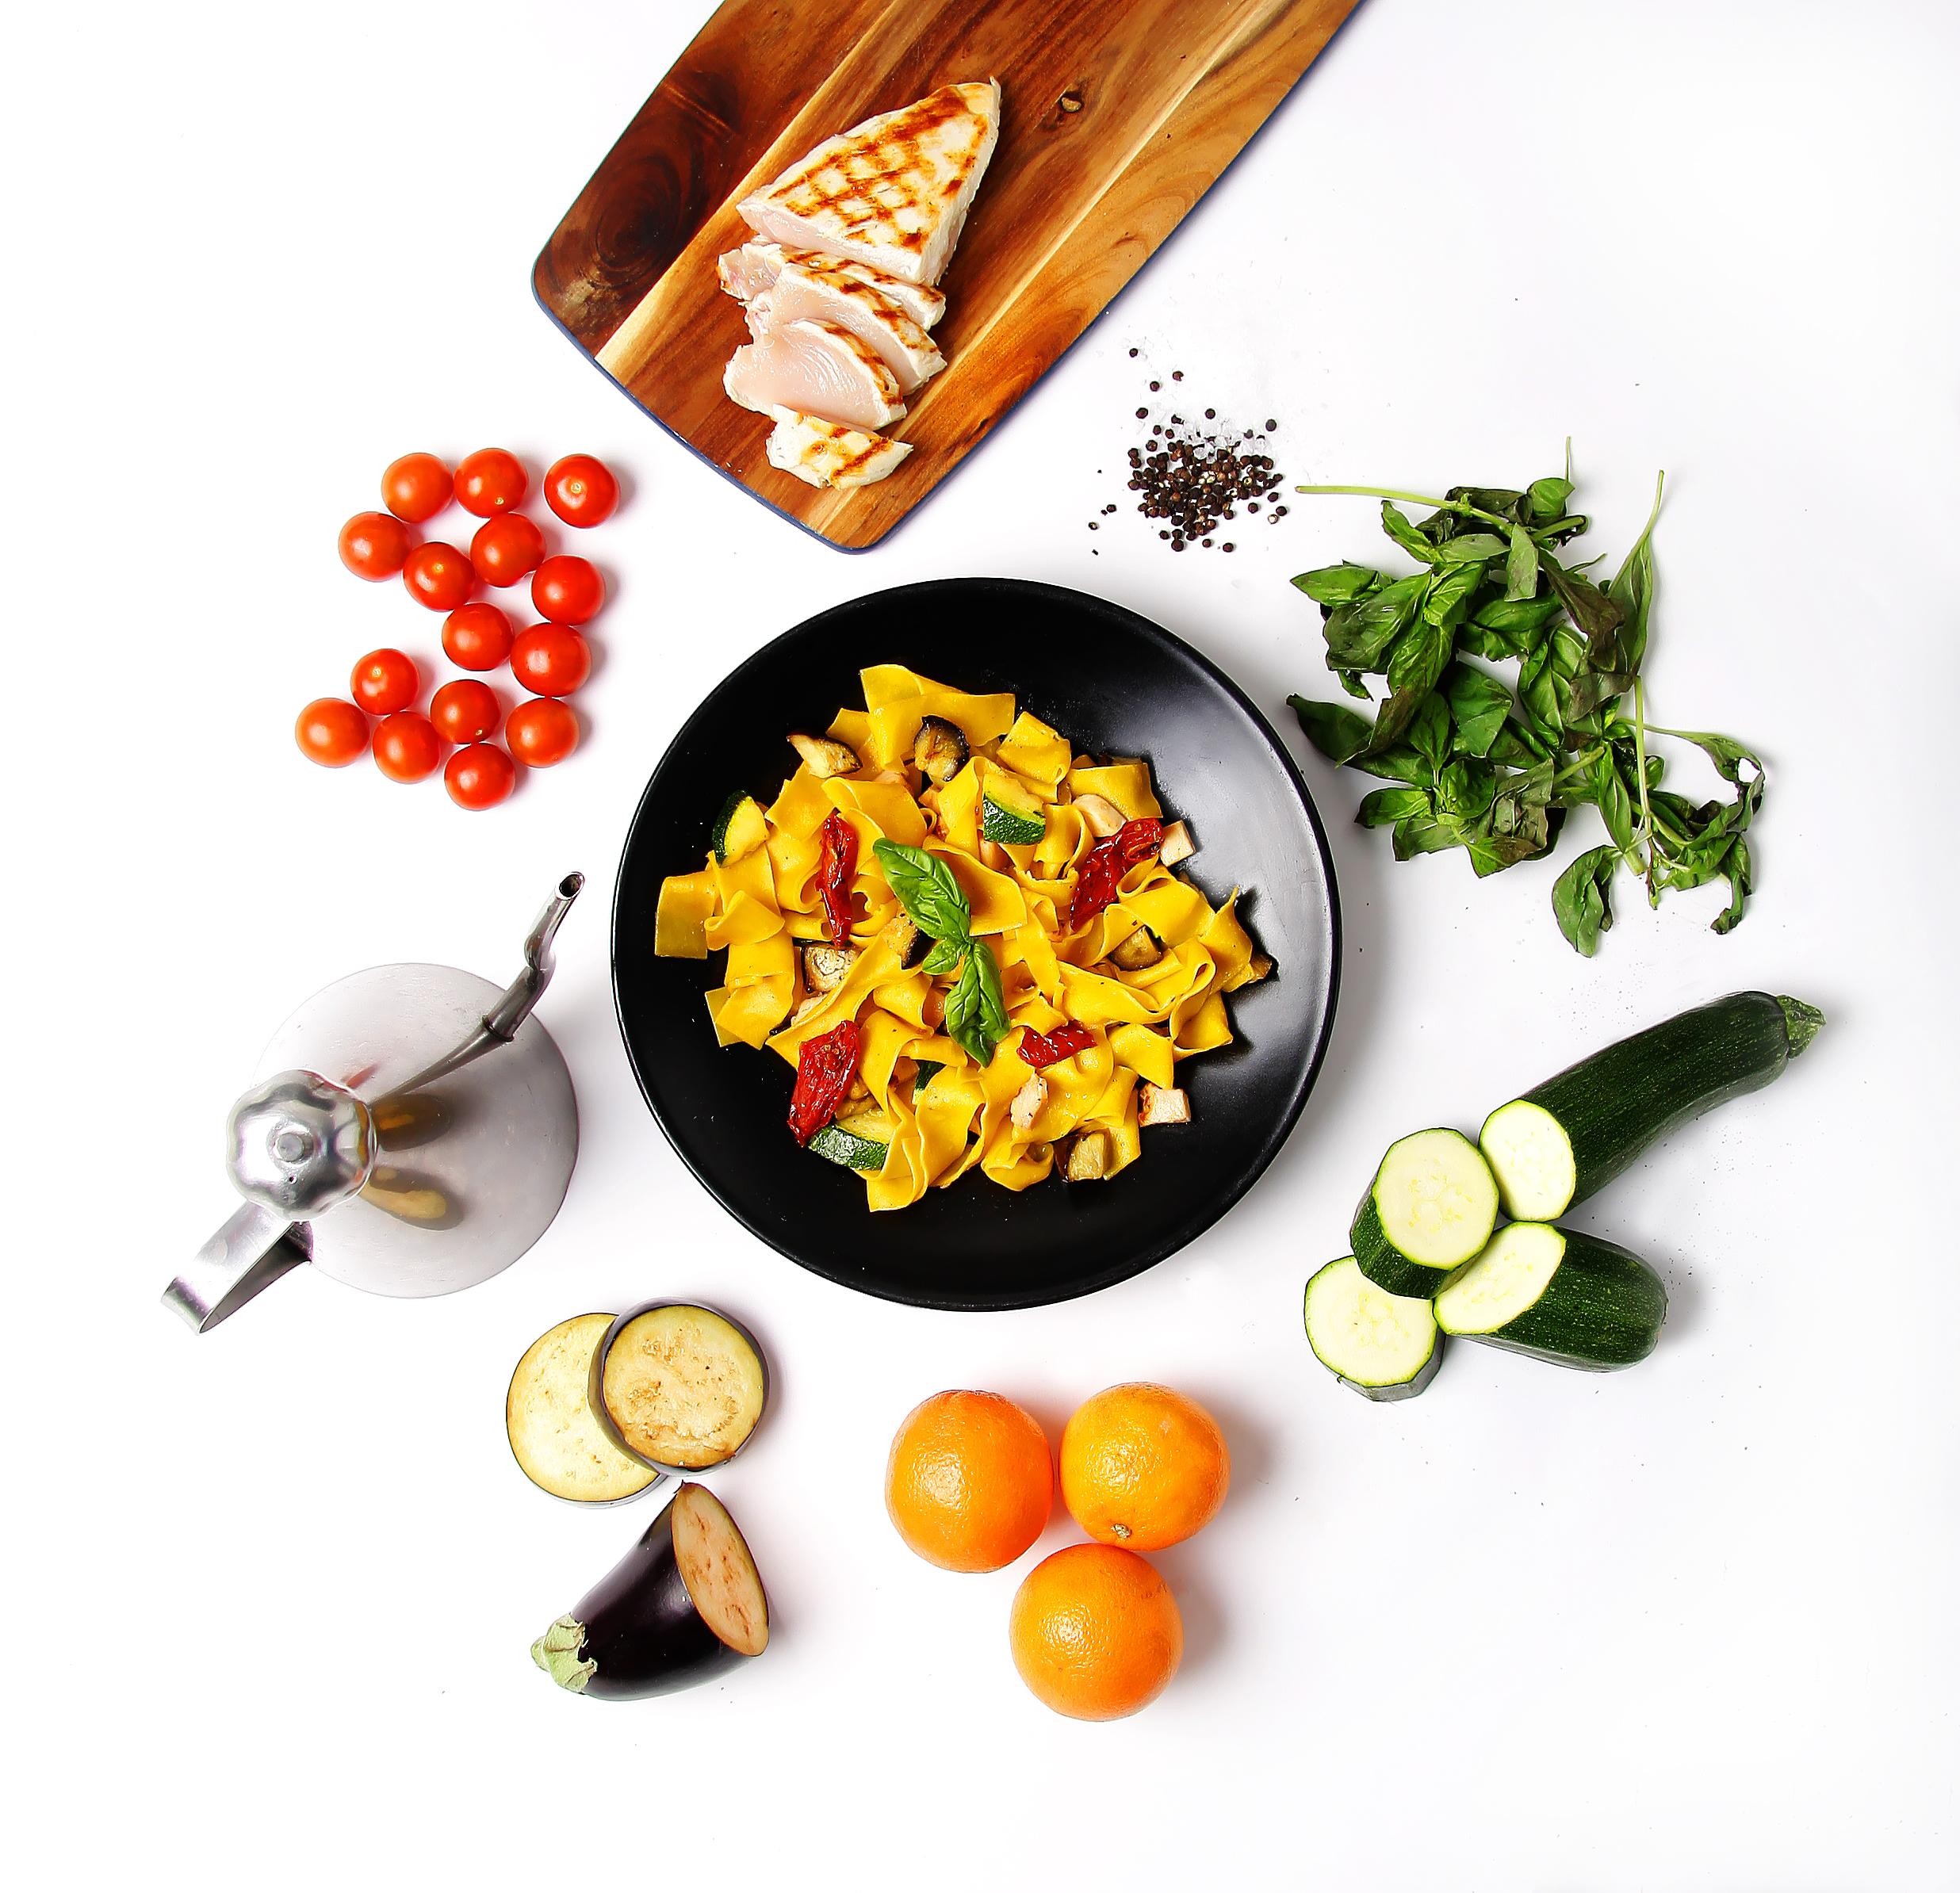 Día Mundial de la Pasta - El consumo de pasta podría prevenir la aparición de enfermedades cardiovasculares